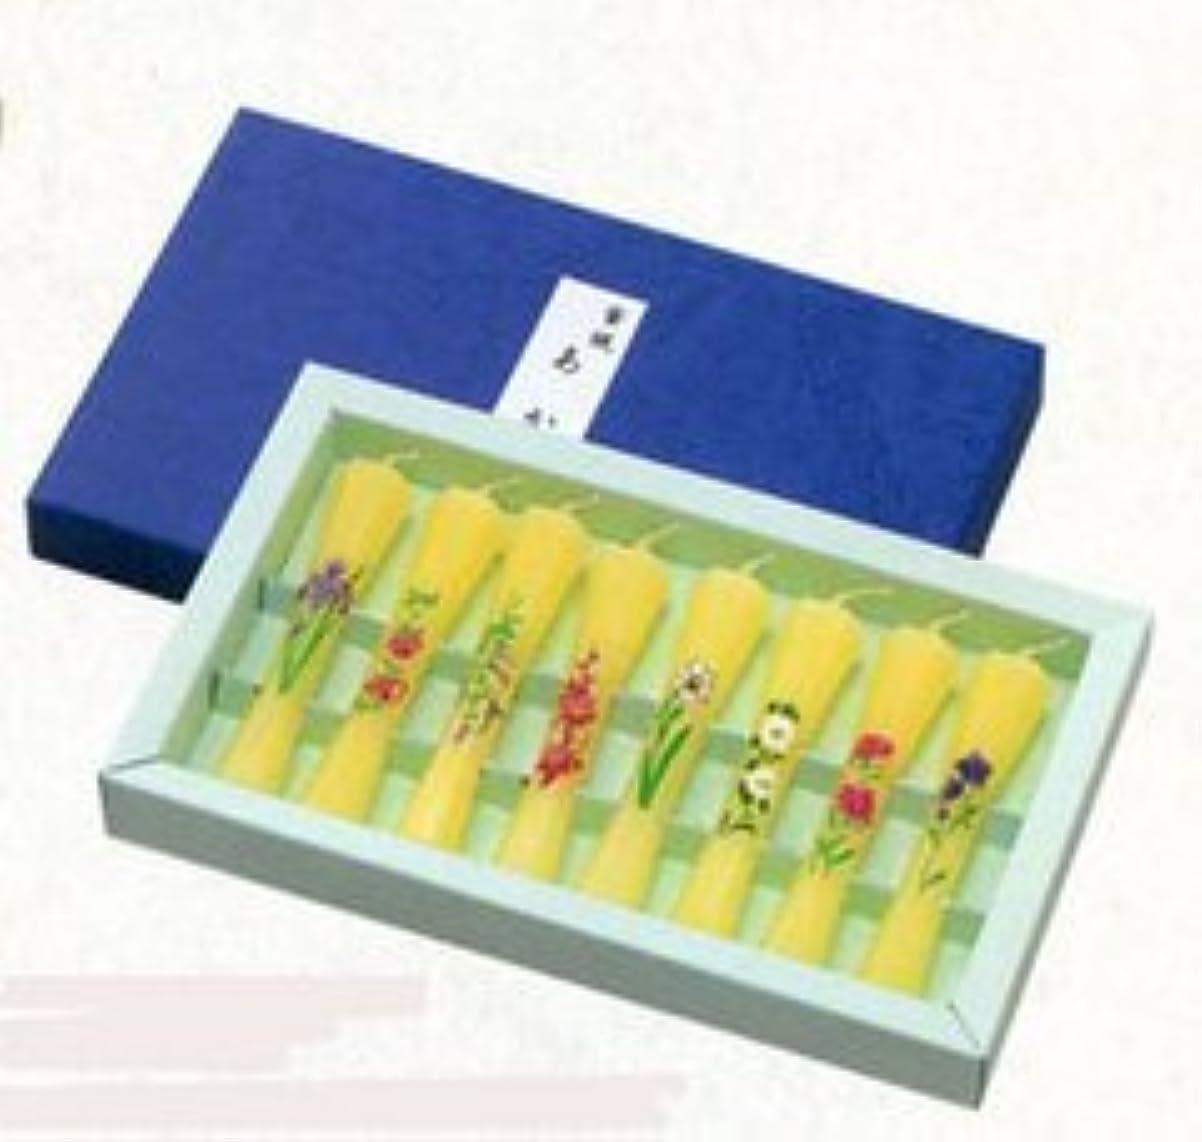 外側重さ苦行鮮やかな花の絵ローソク8本 蜜蝋(みつろー) 茜 絵ローソク